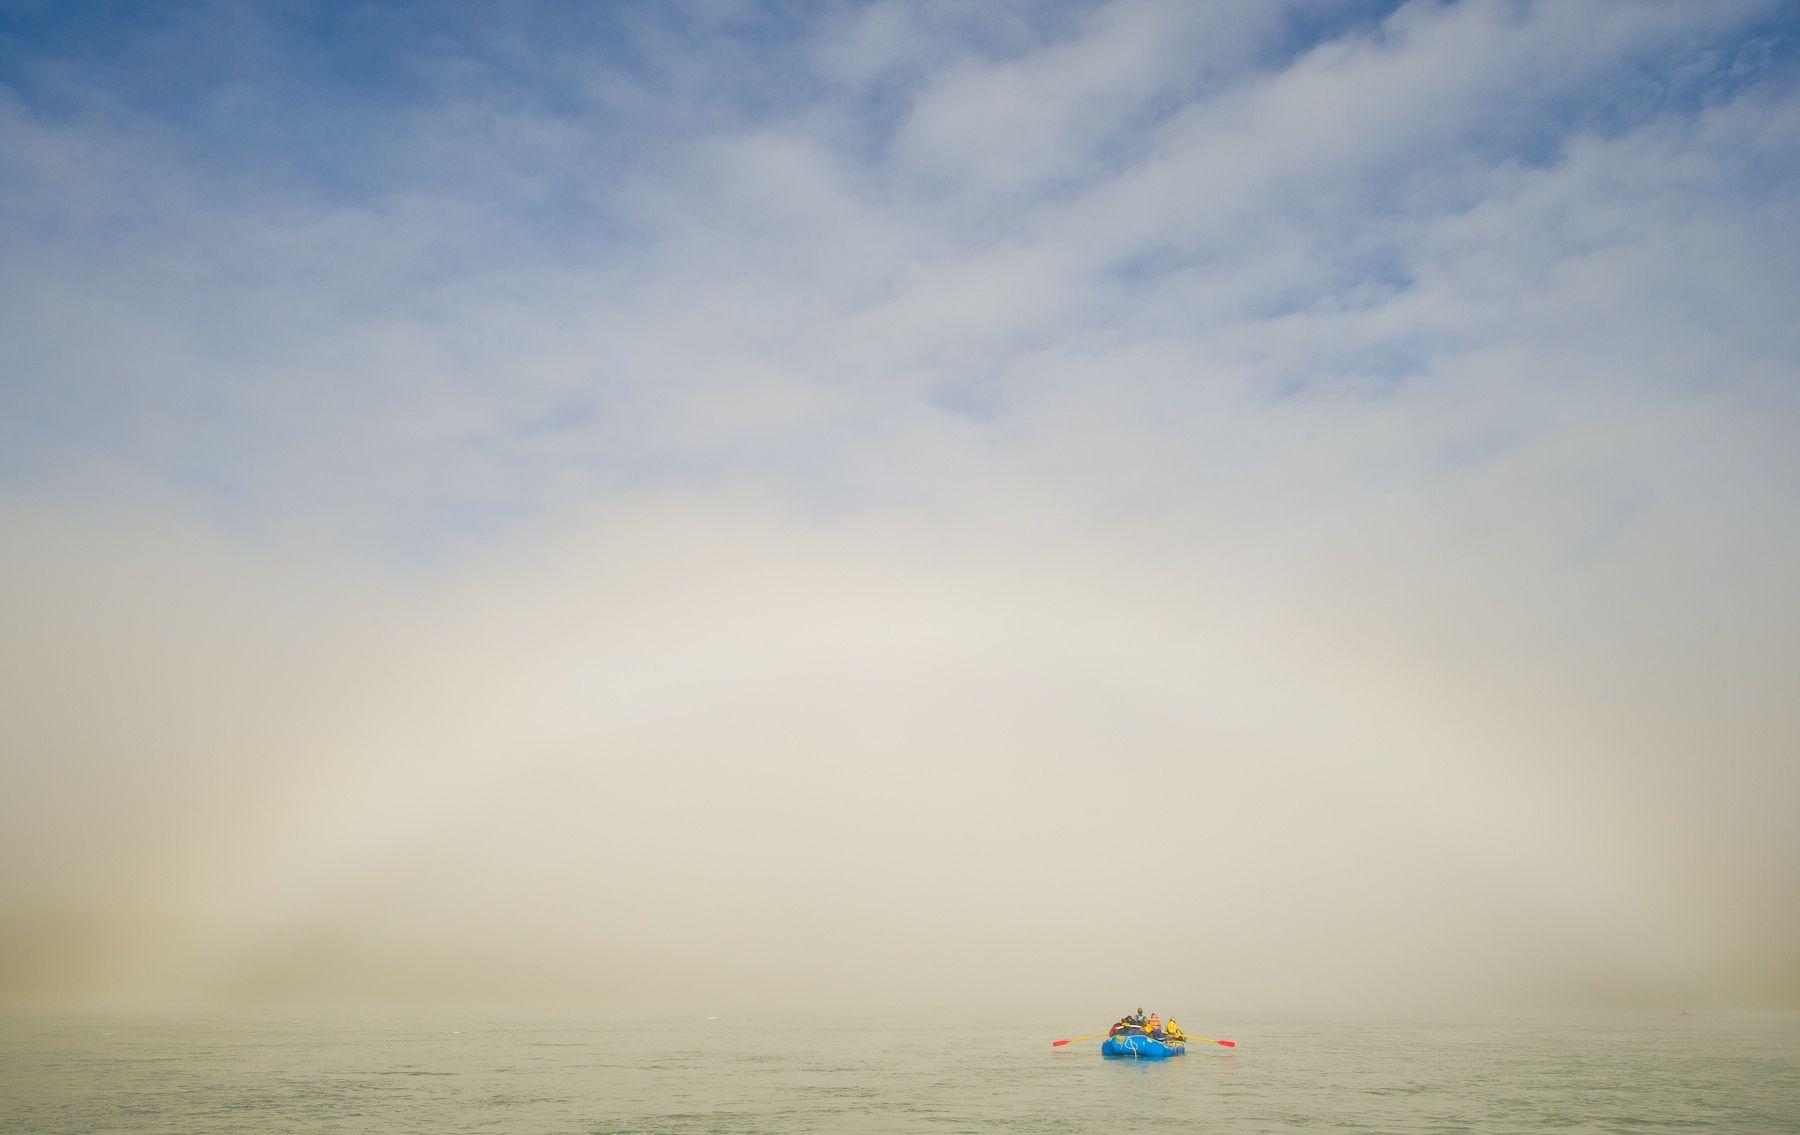 Rafting below Fogbow on Alsek River